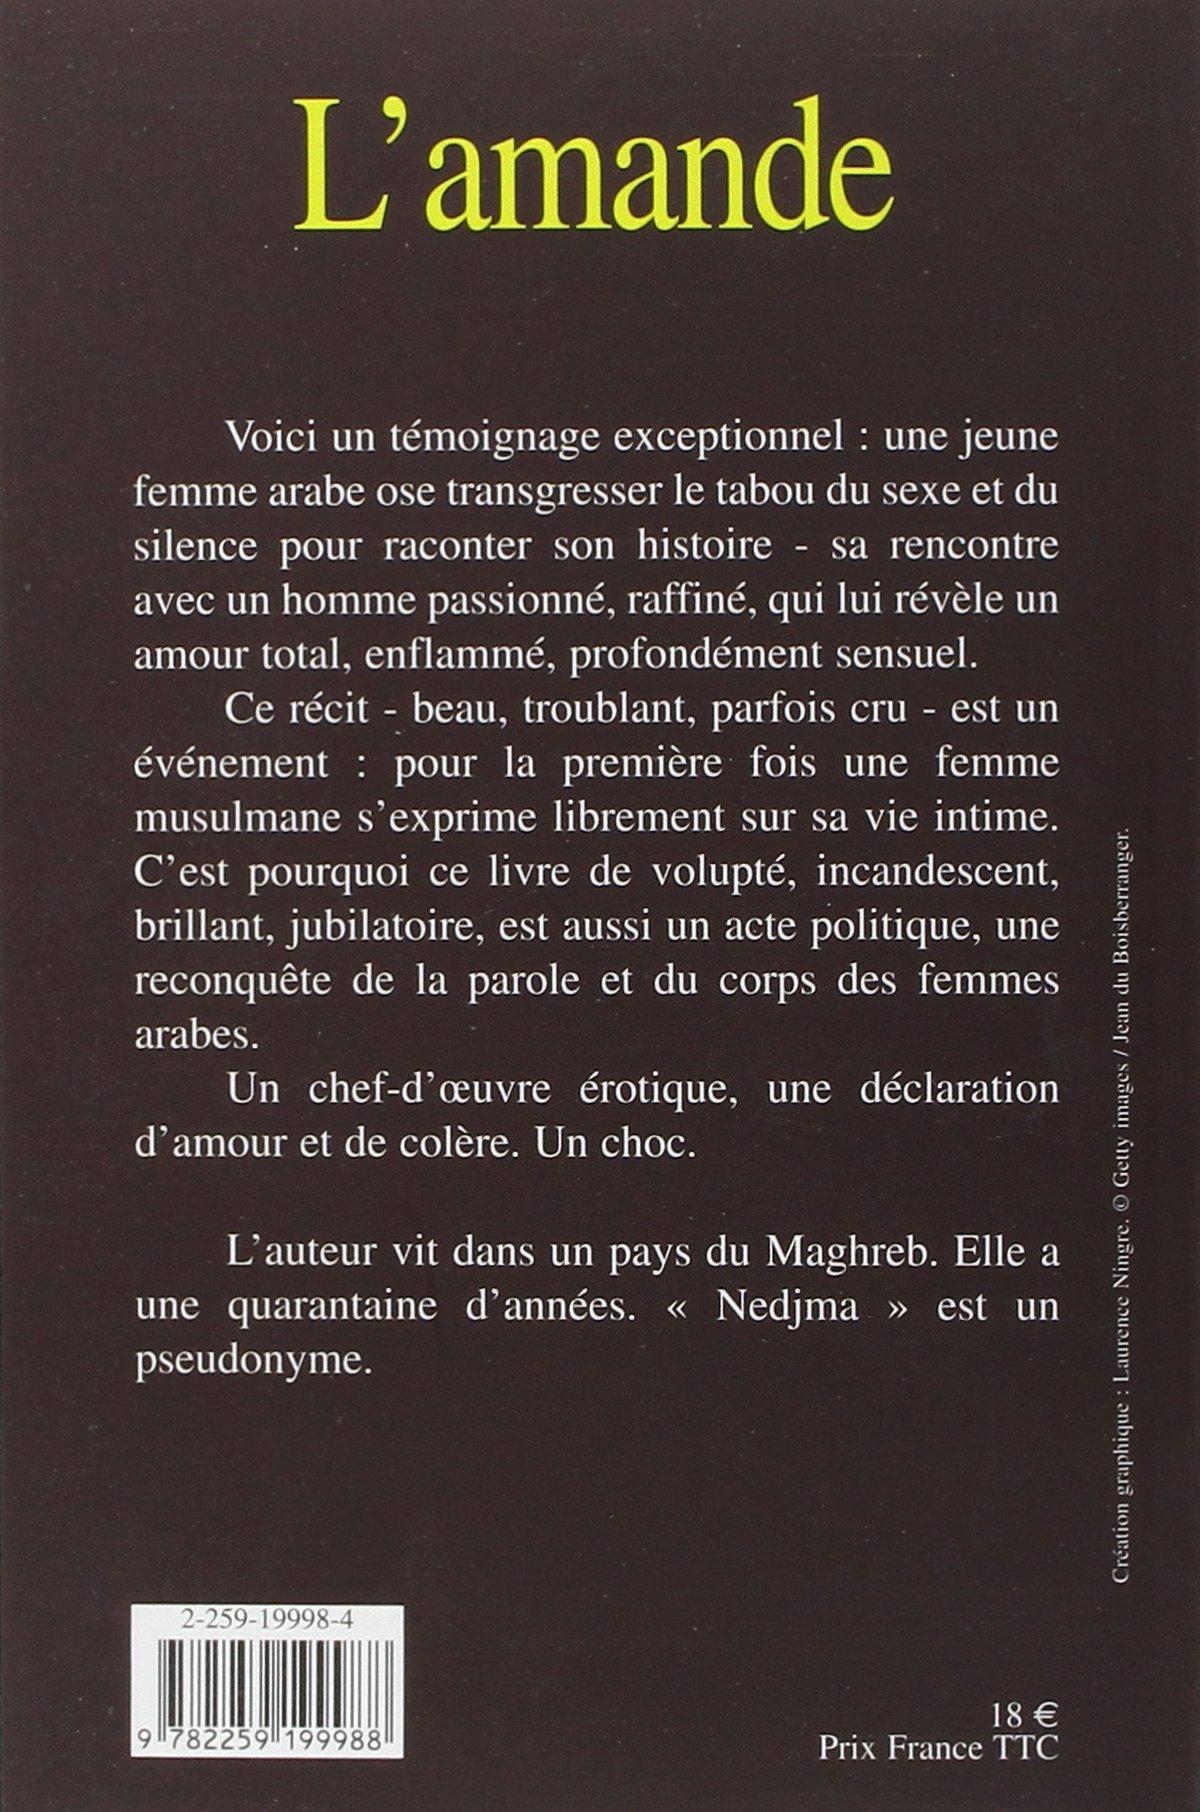 NEDJMA DE GRATUIT LAMANDE TÉLÉCHARGER